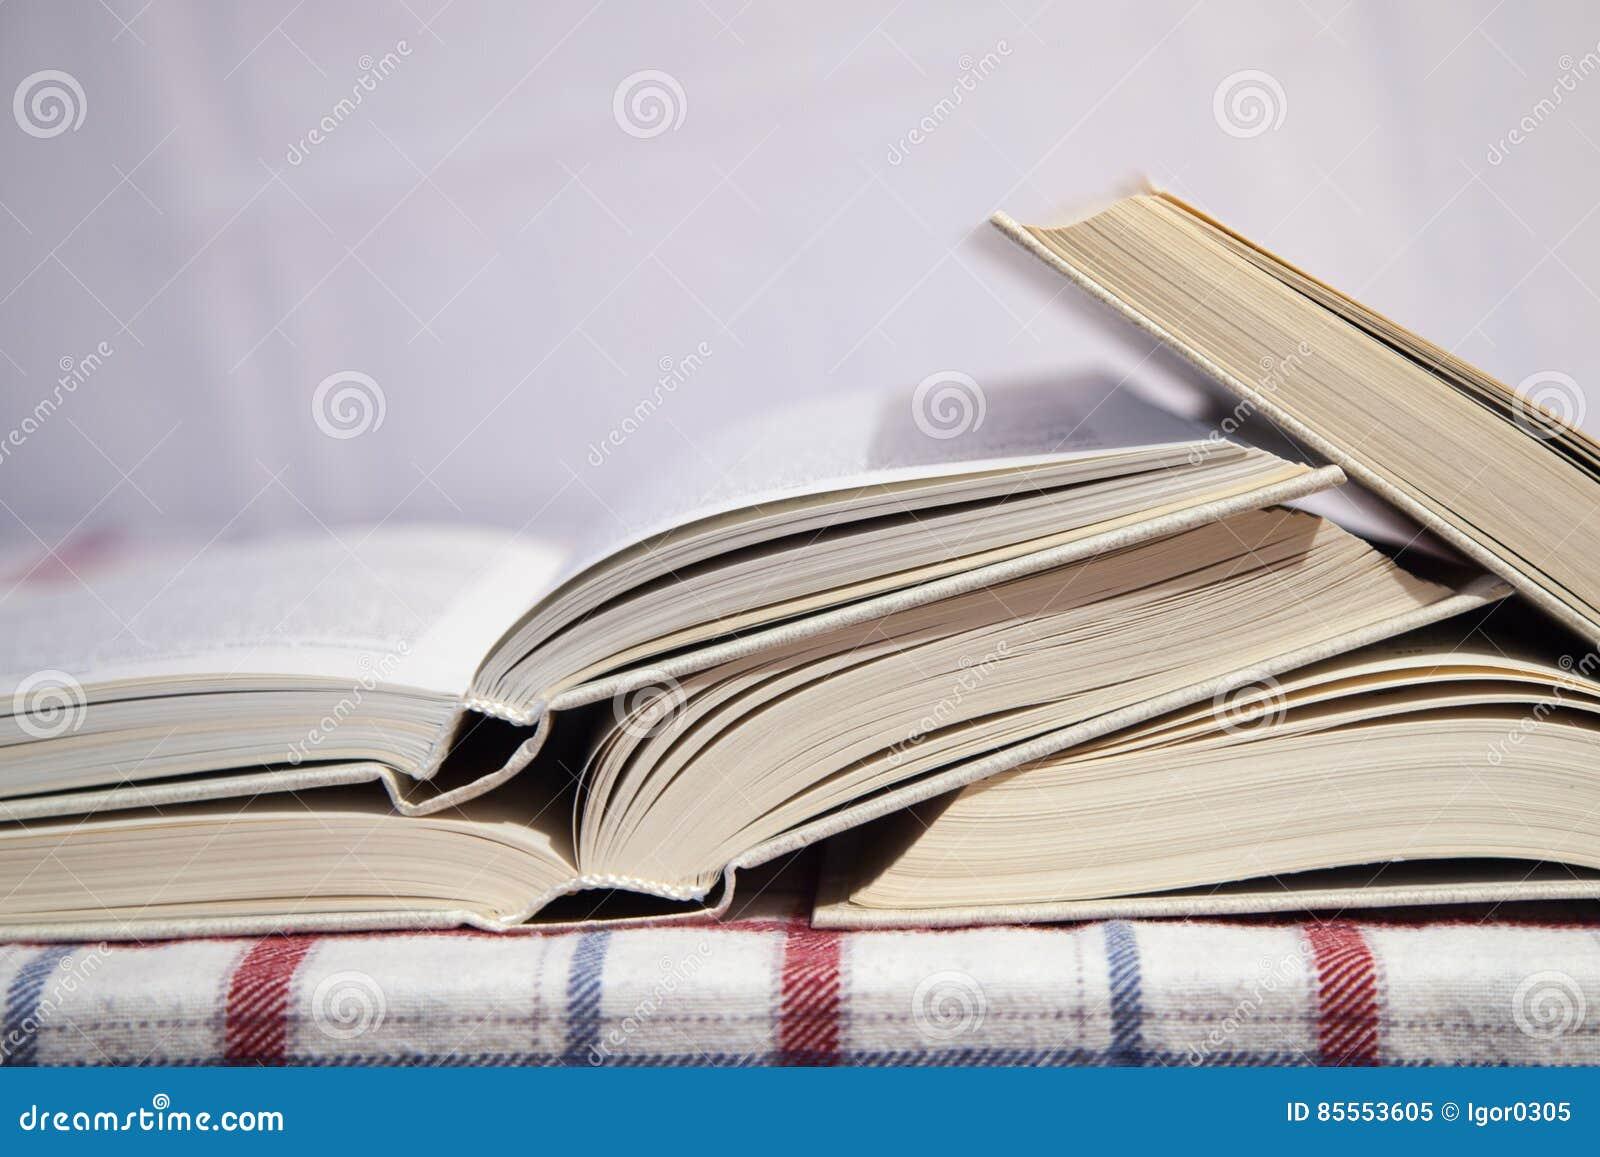 Stapel der geöffneten Bücher